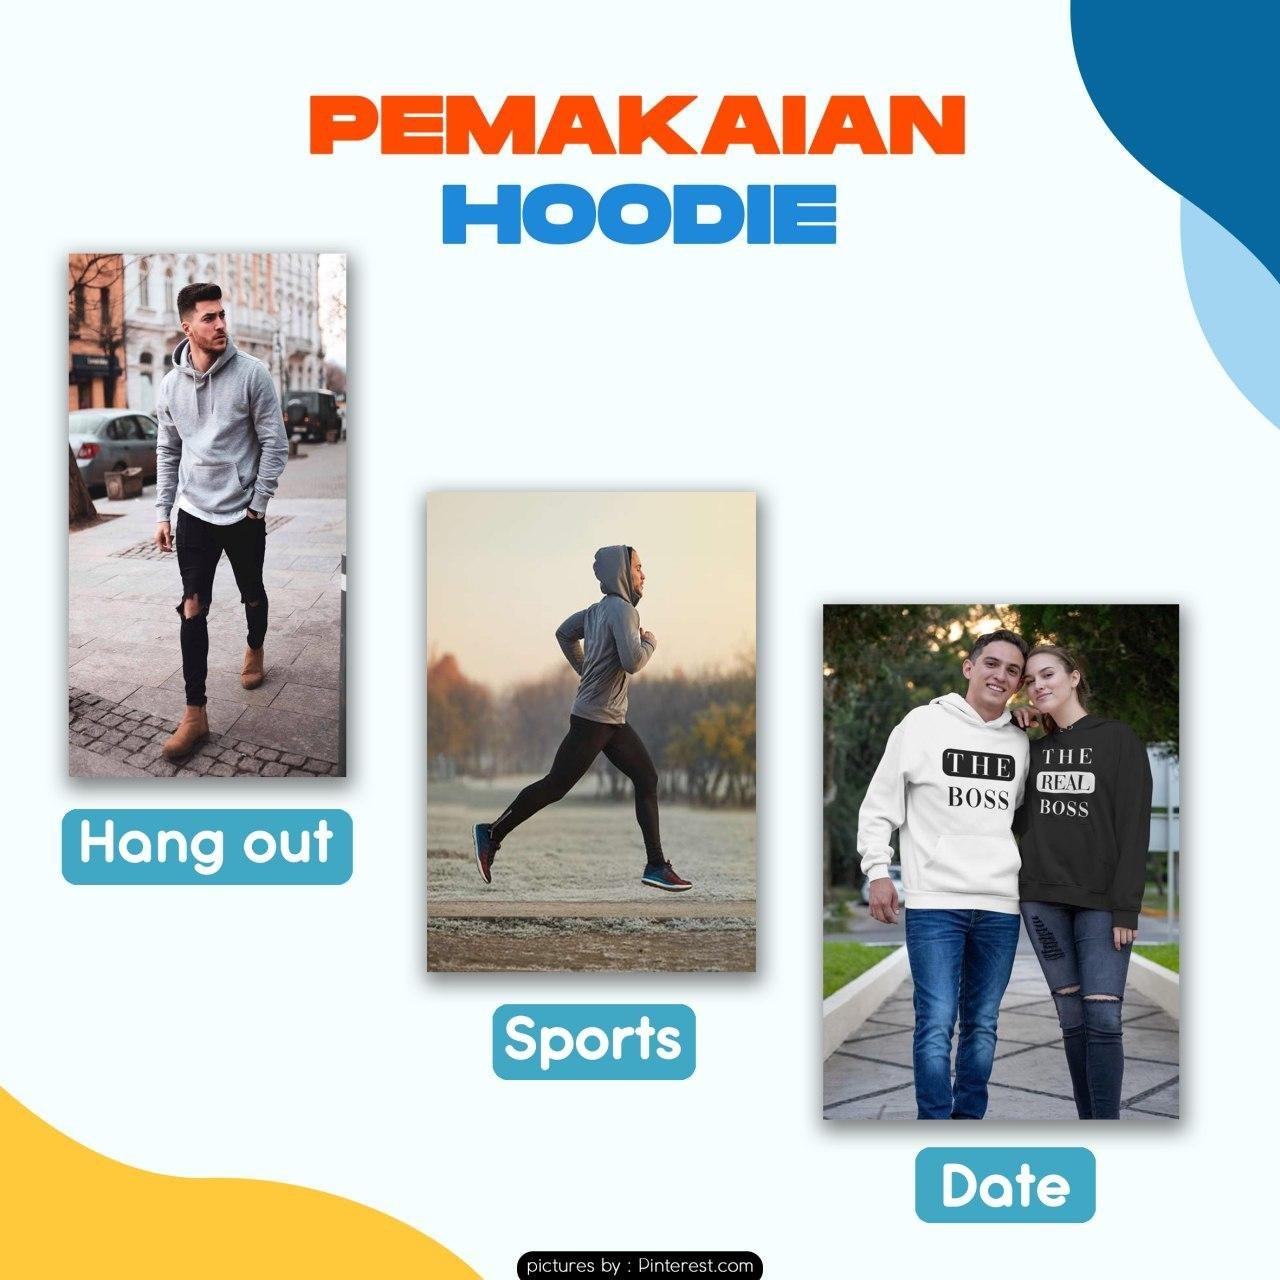 Pemakaian Hoodie Sport